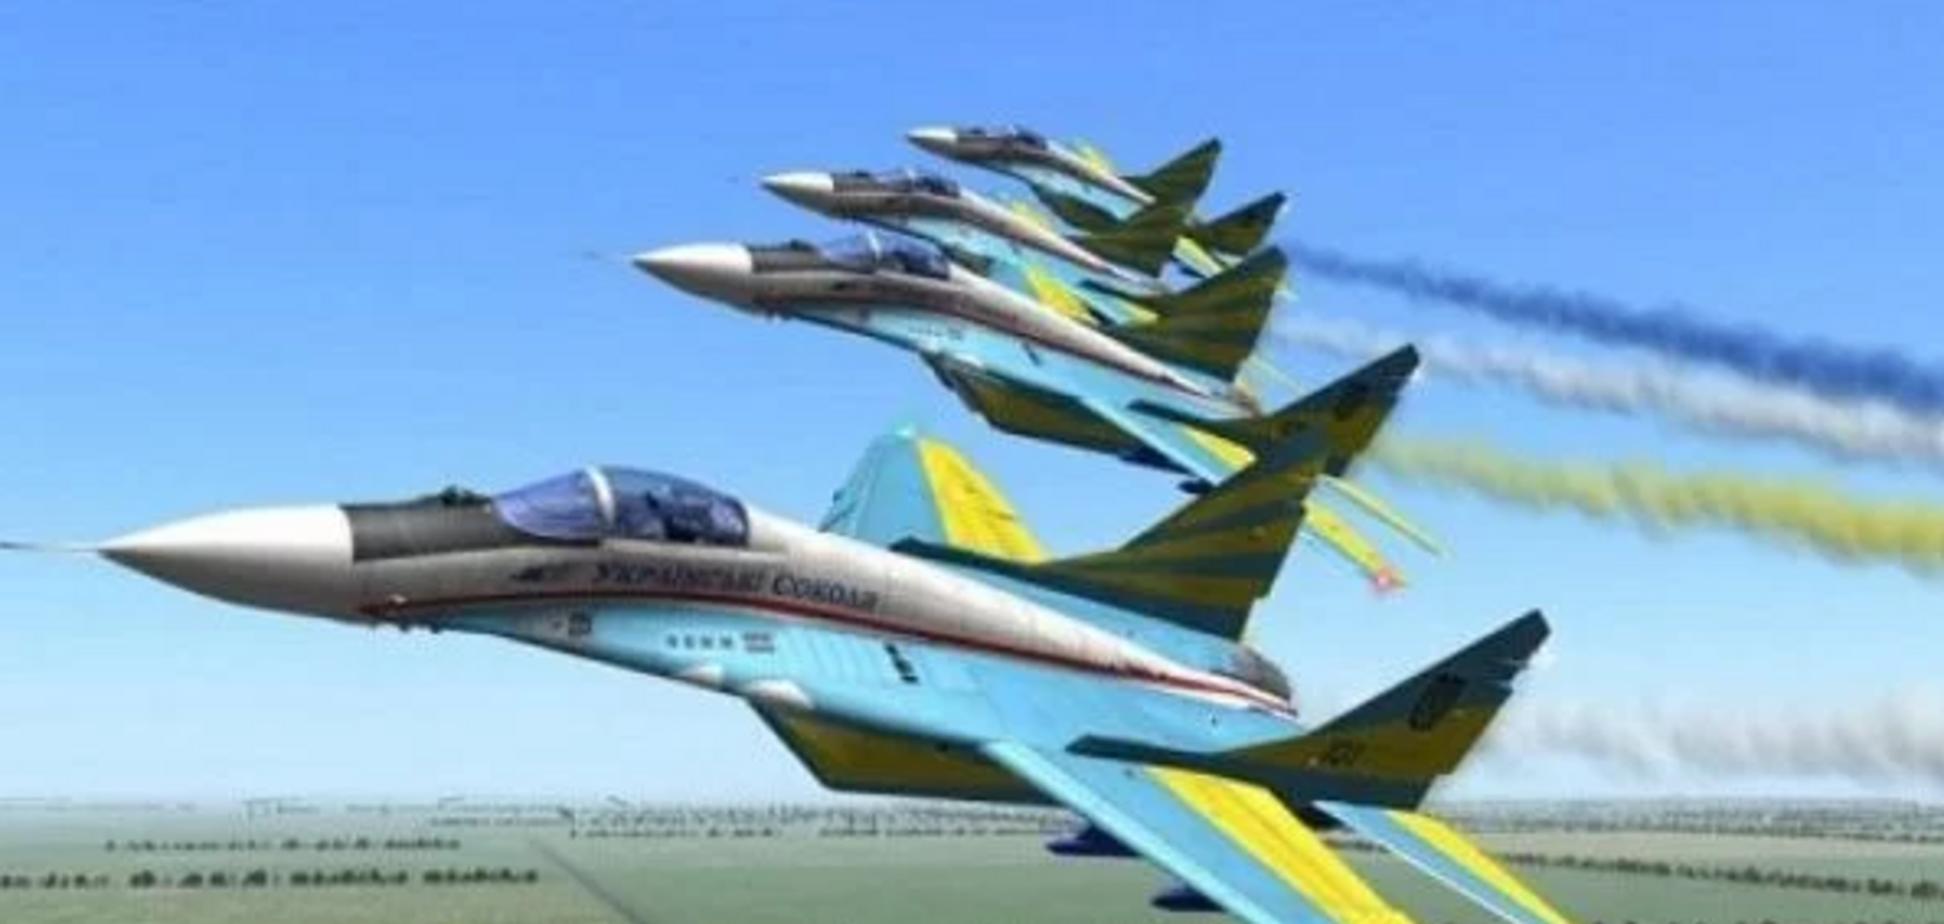 Впервые в XXI веке! Украина передала мощное послание оккупантам: видео